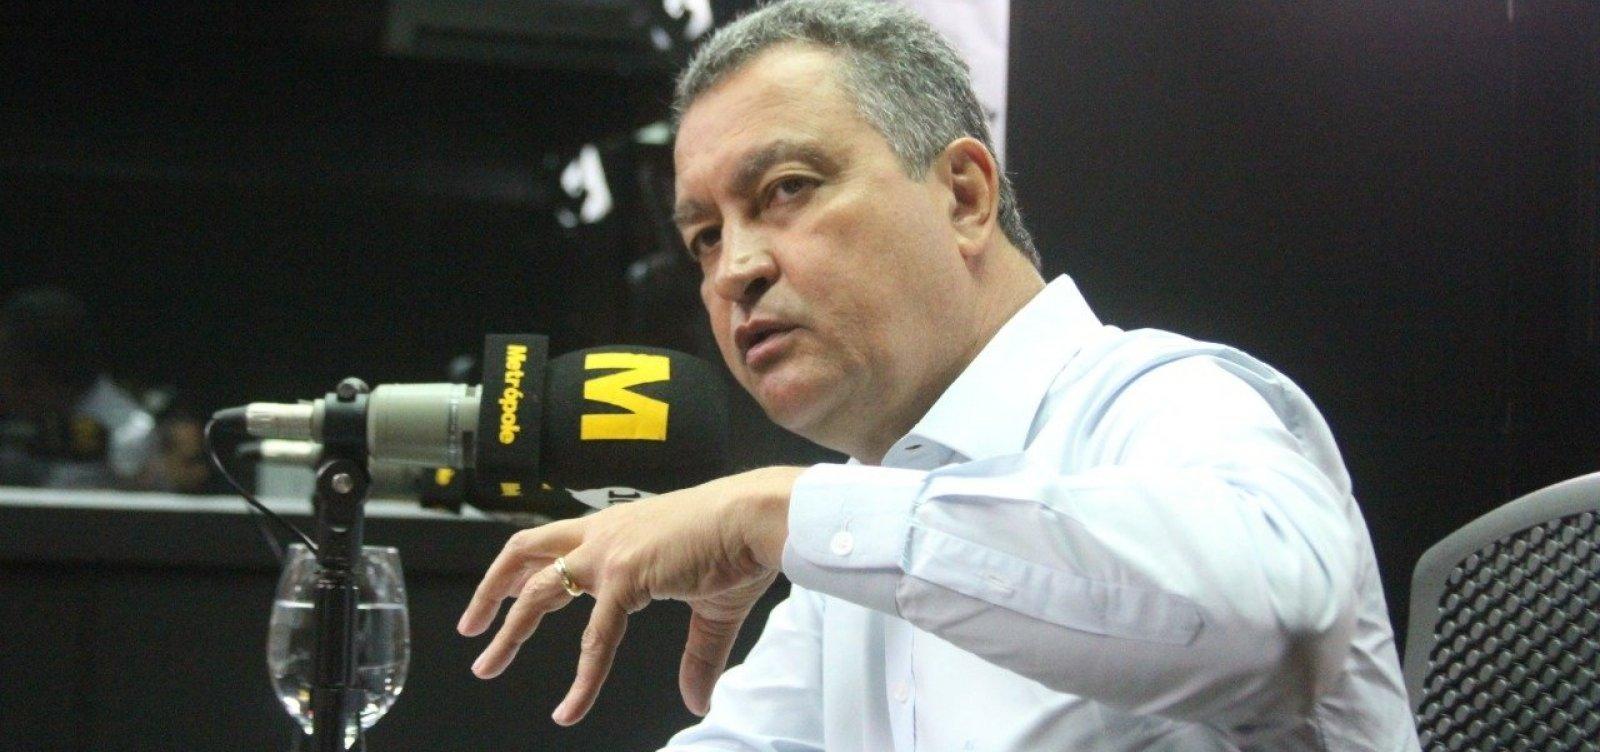 [Rui diz que obras do VLT e do metrô devem gerar 10 mil empregos]